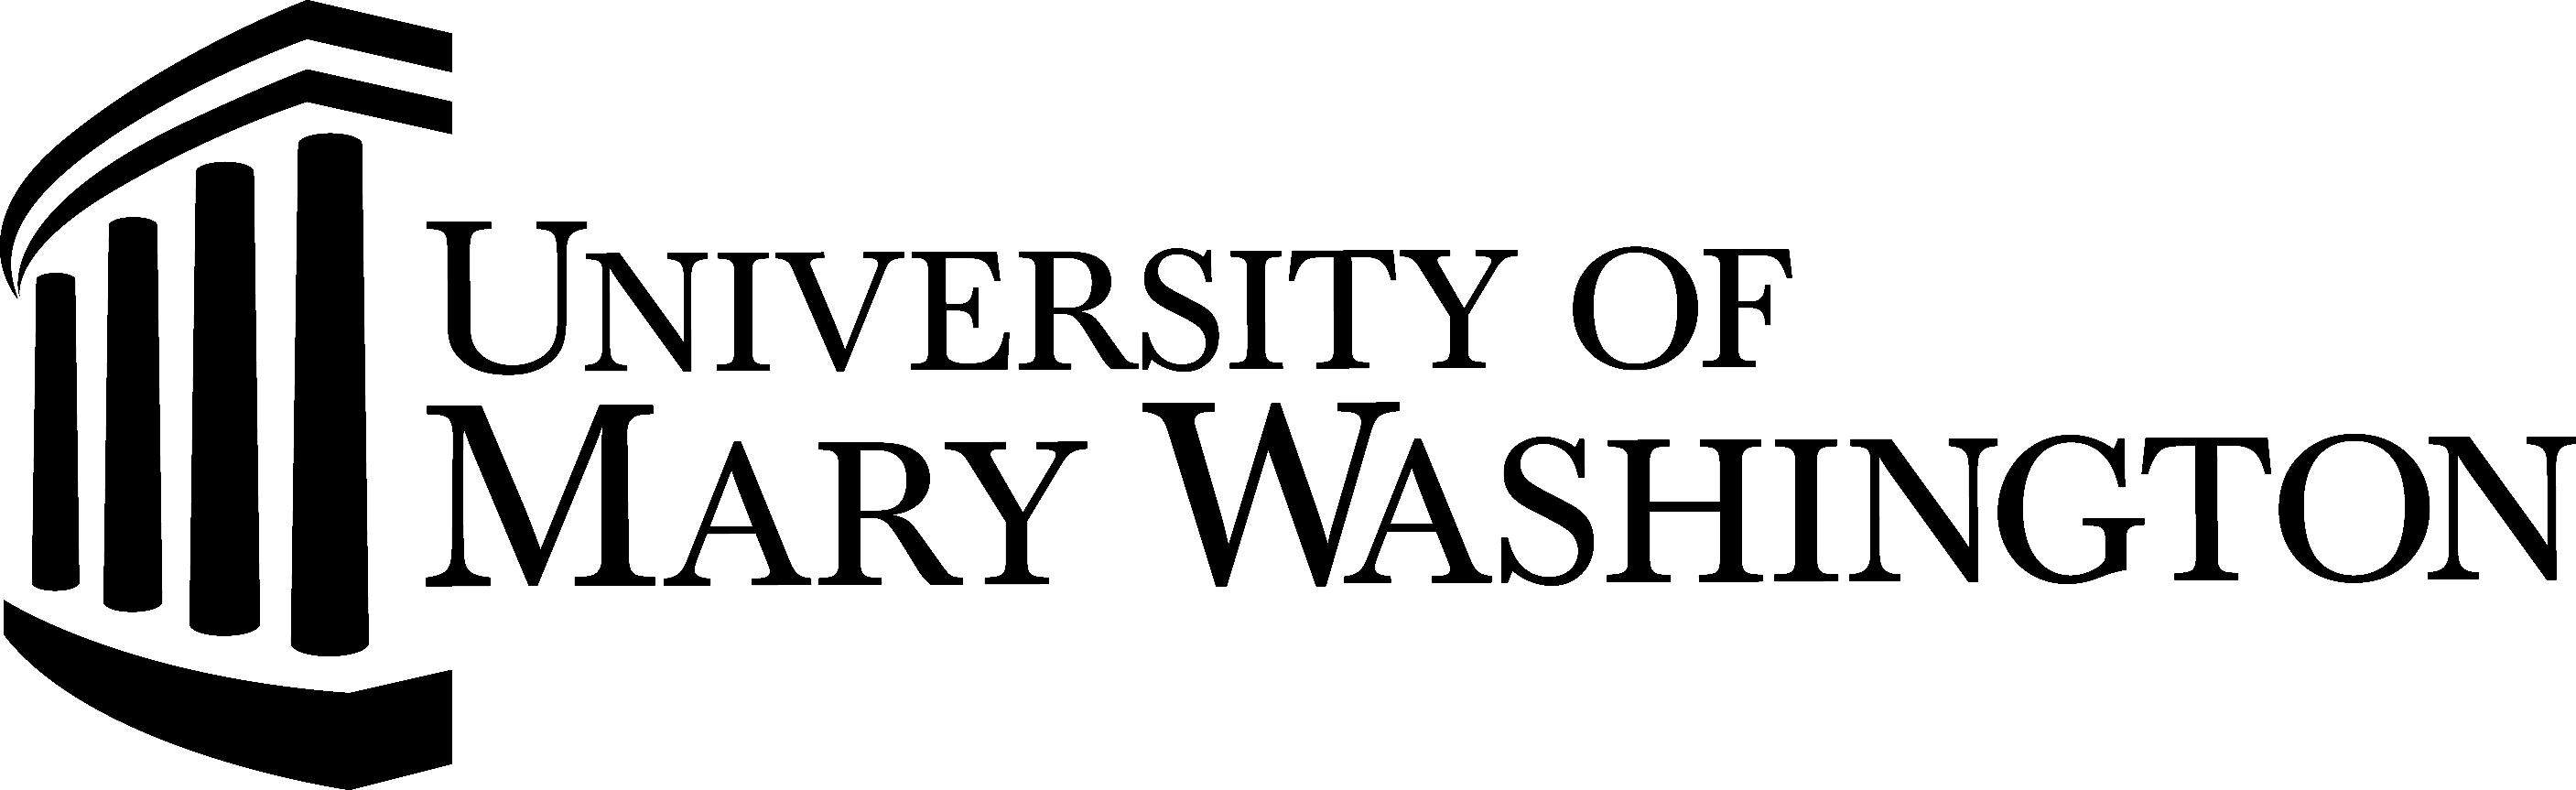 Guest post on University of Mary Washington umw. edu DA80